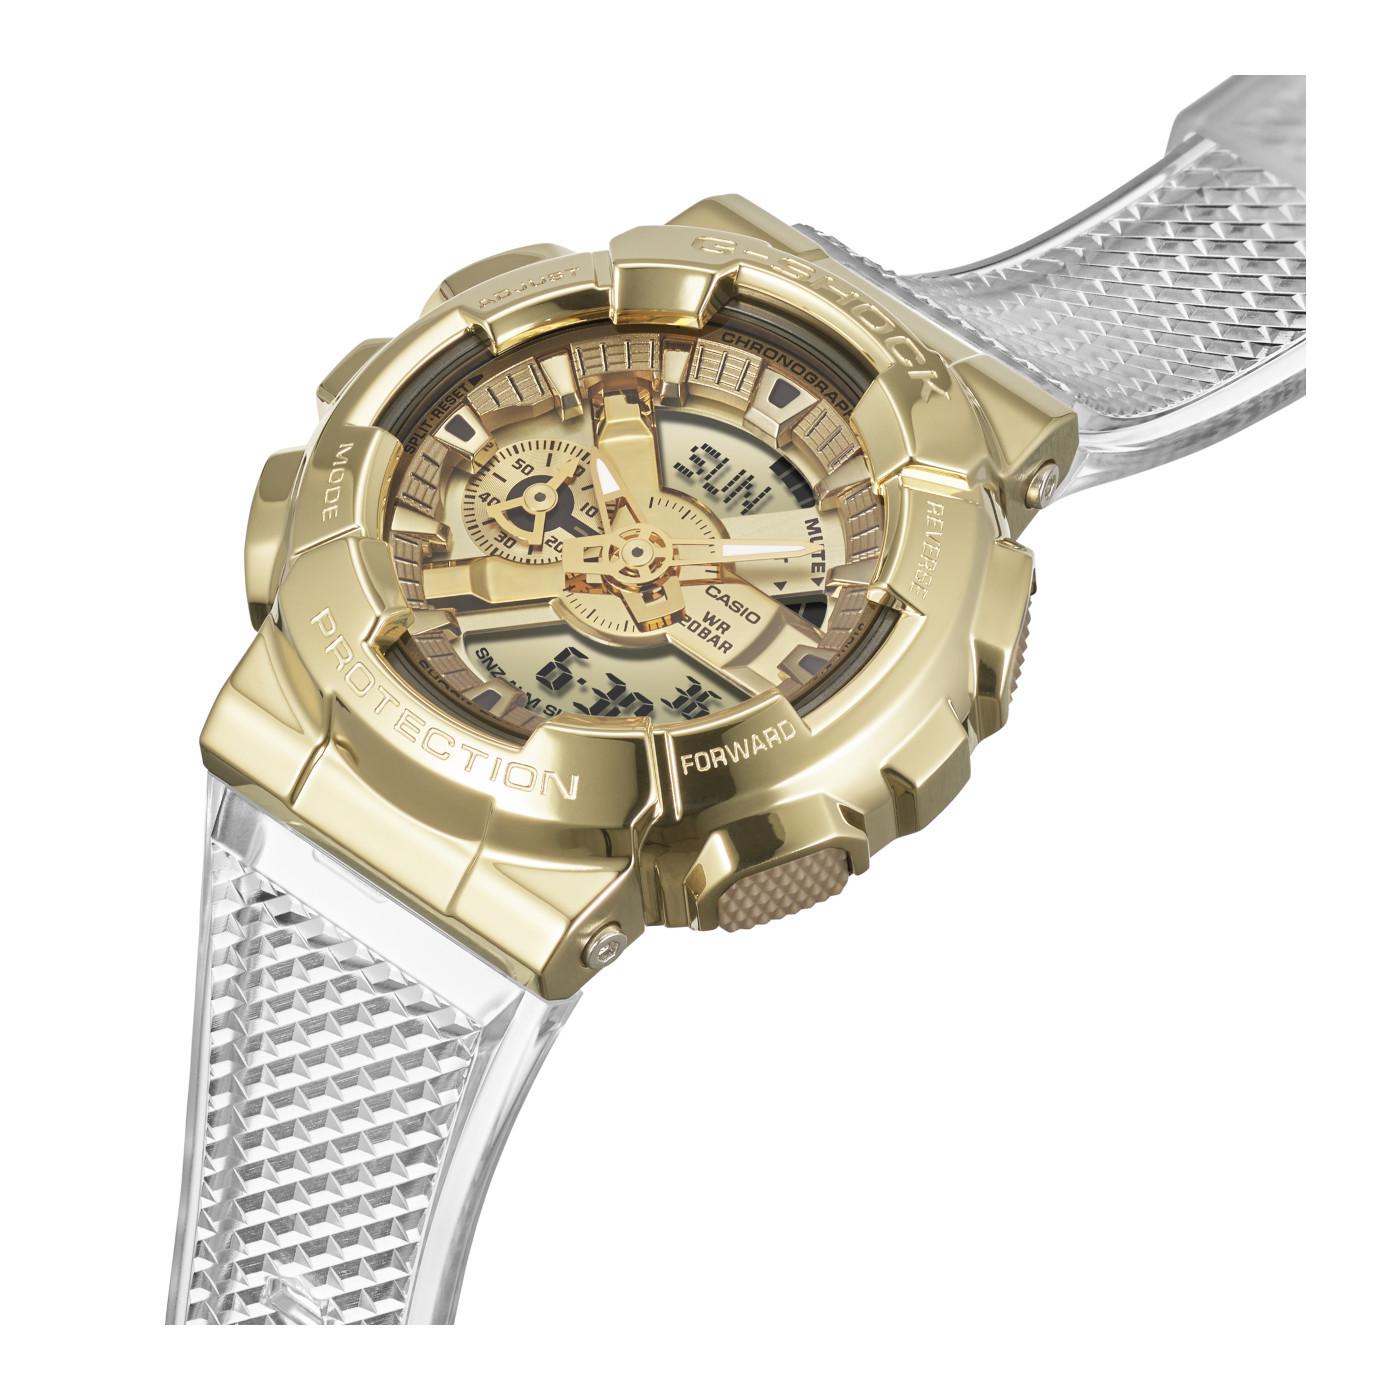 G-Shock Gold Clasier GM-110SG-9AER